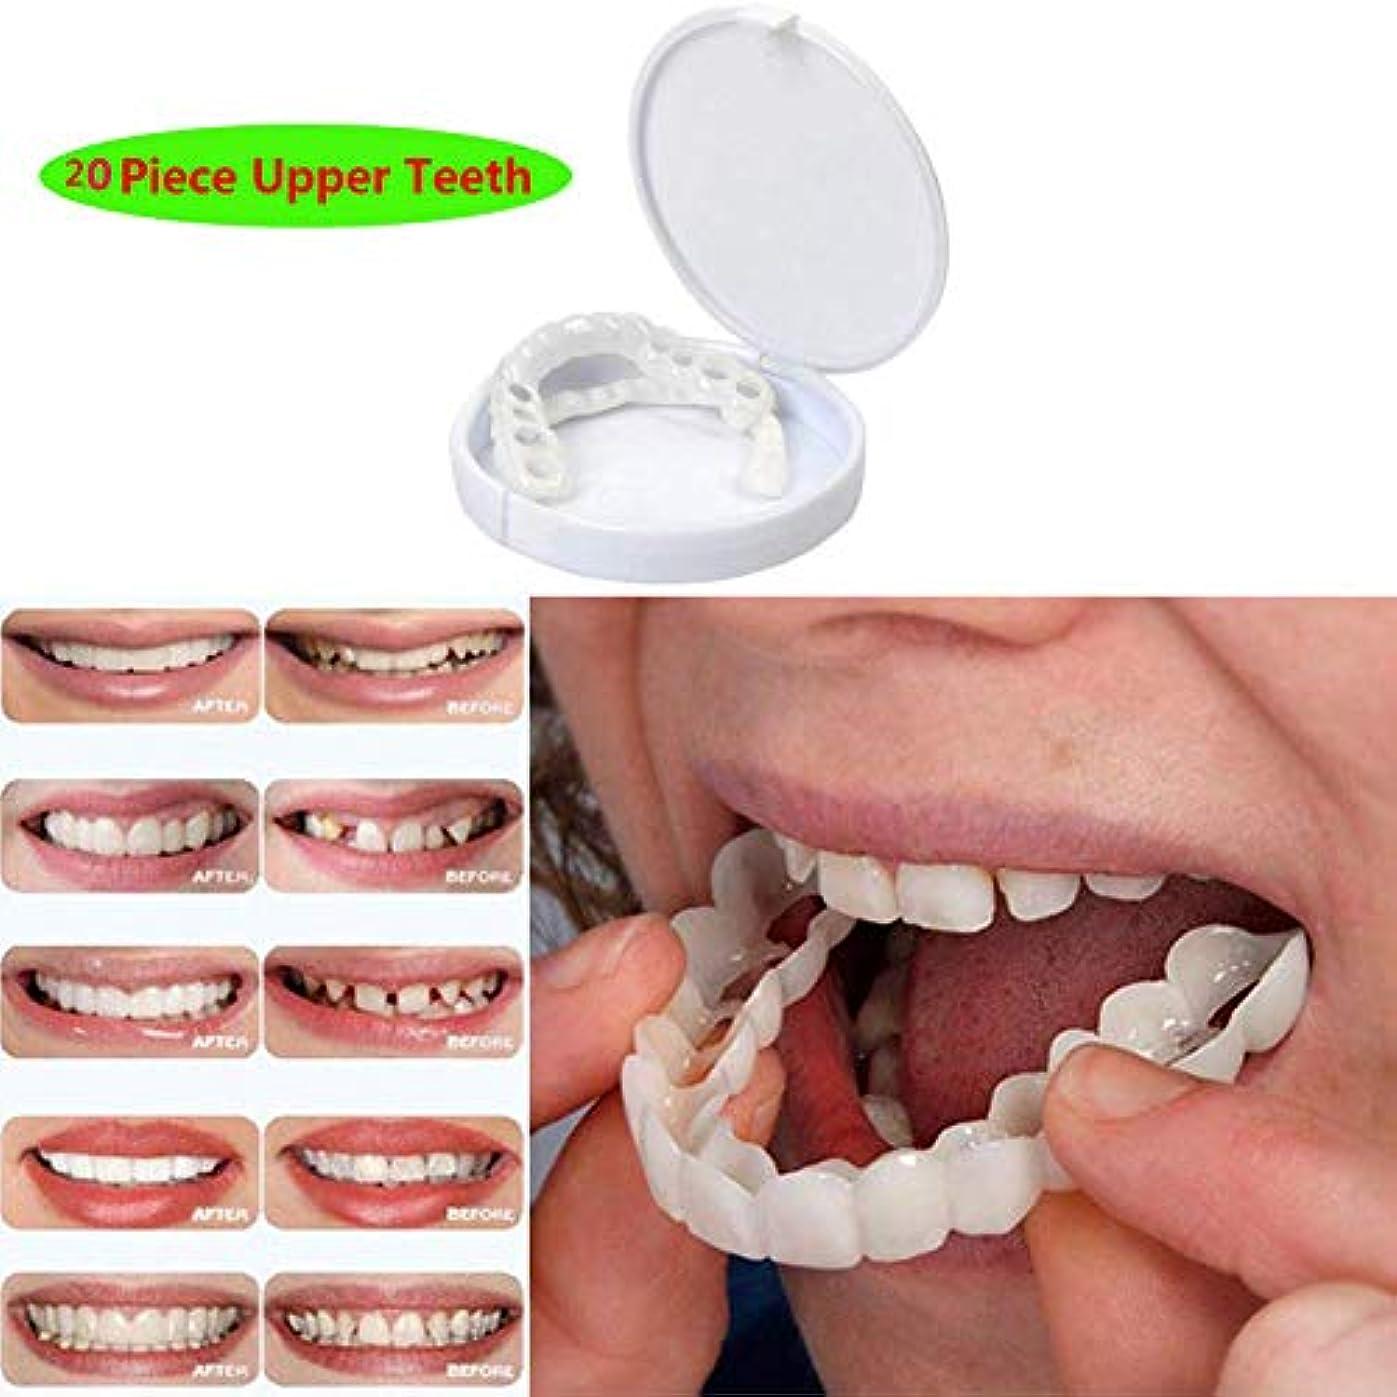 収穫褐色くしゃくしゃ20Pcs一時的な化粧品の歯の義歯の化粧品は白くなることを模倣した上括弧を模倣しました